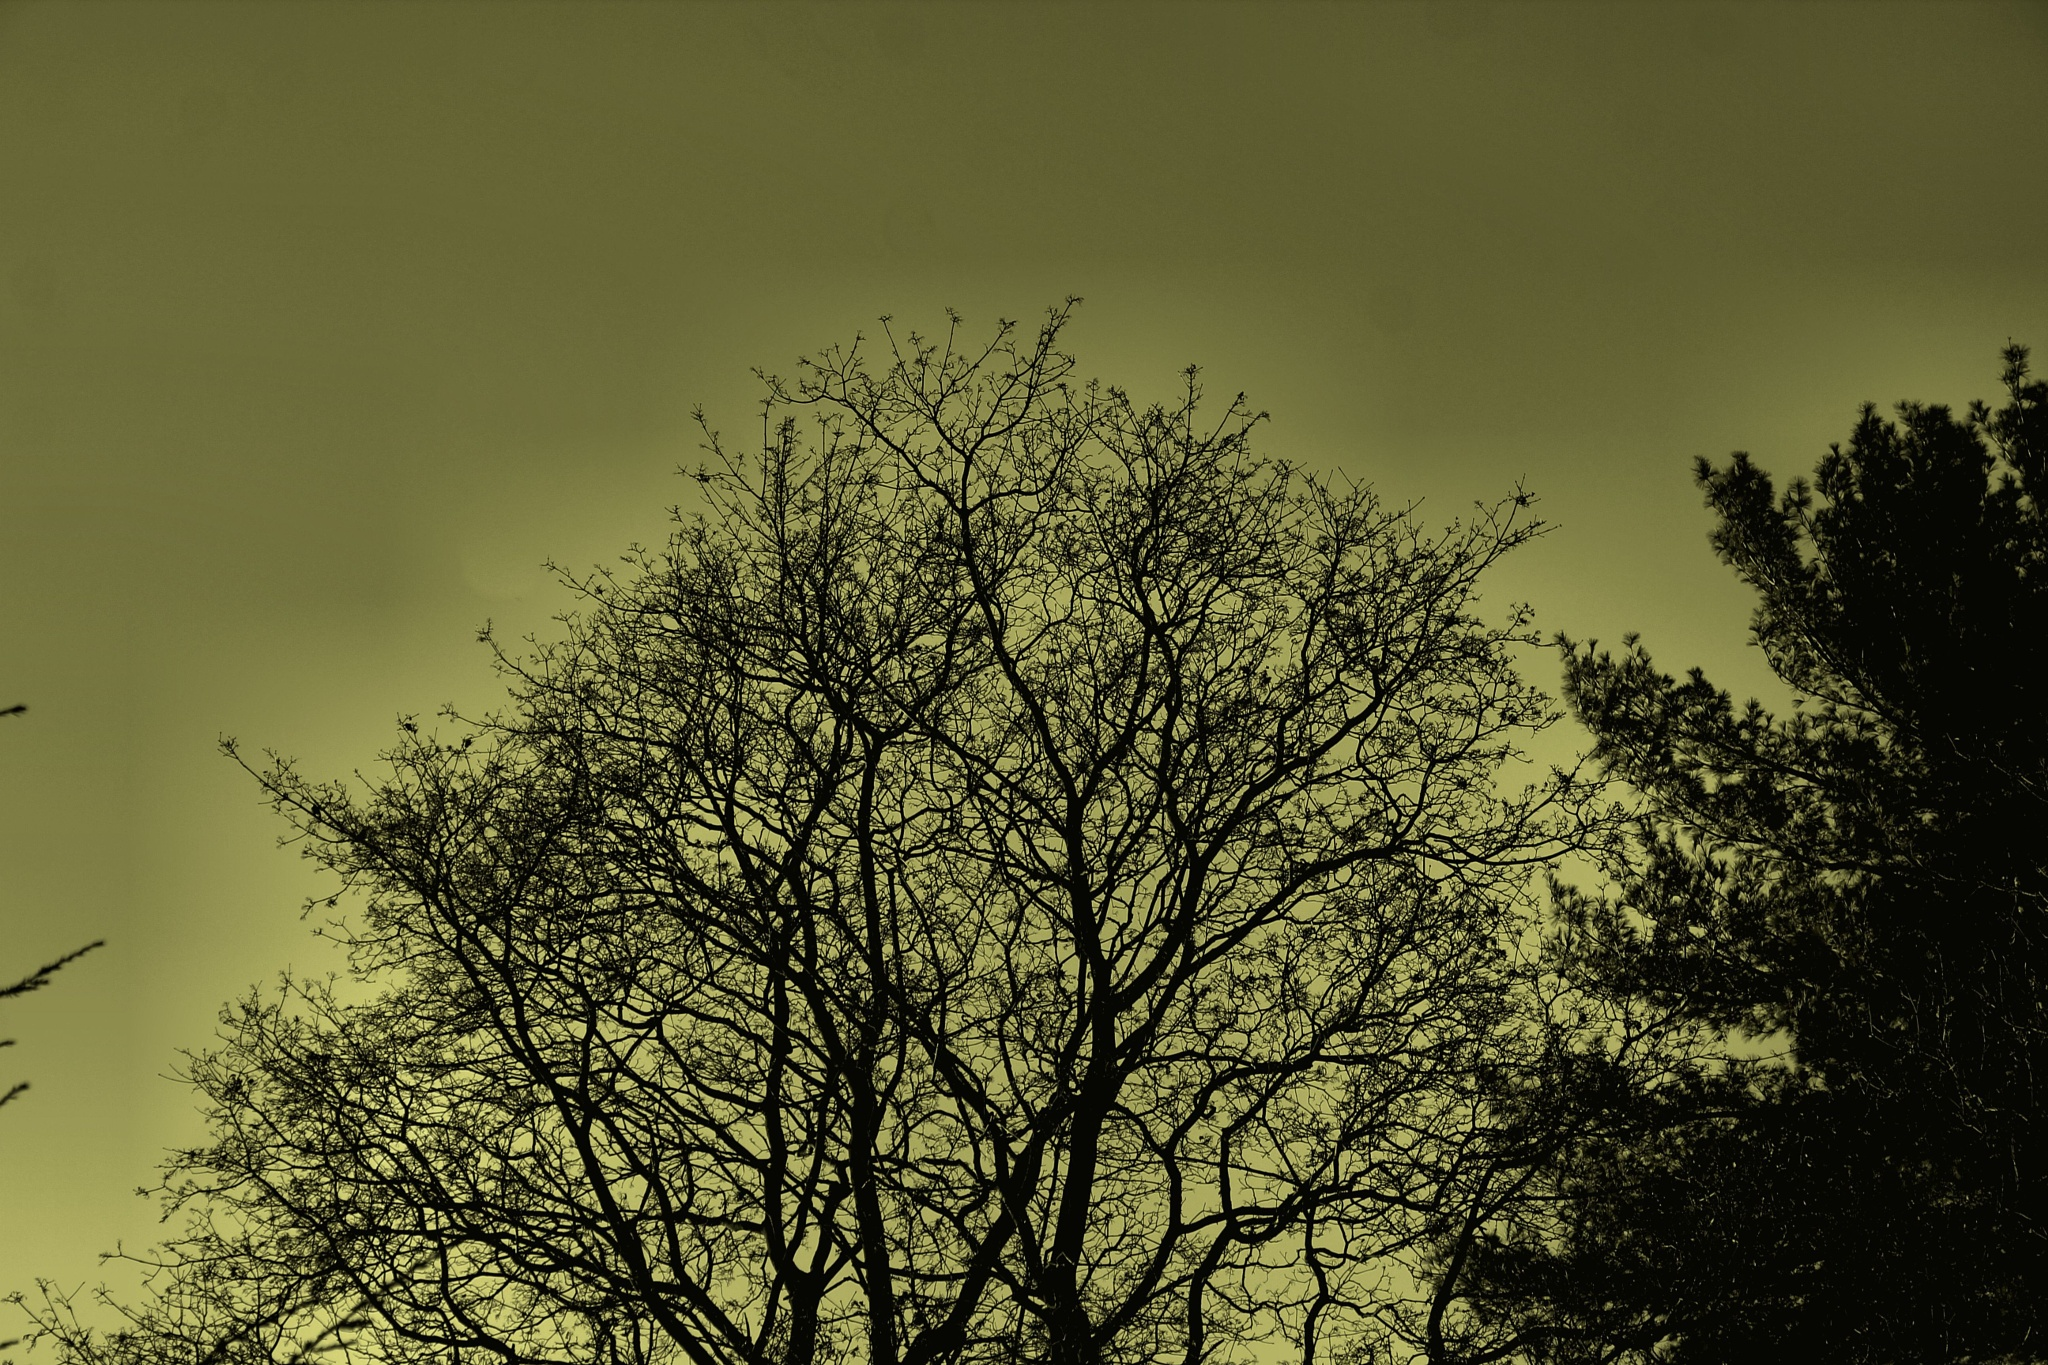 Eerie Night  by dpaul49